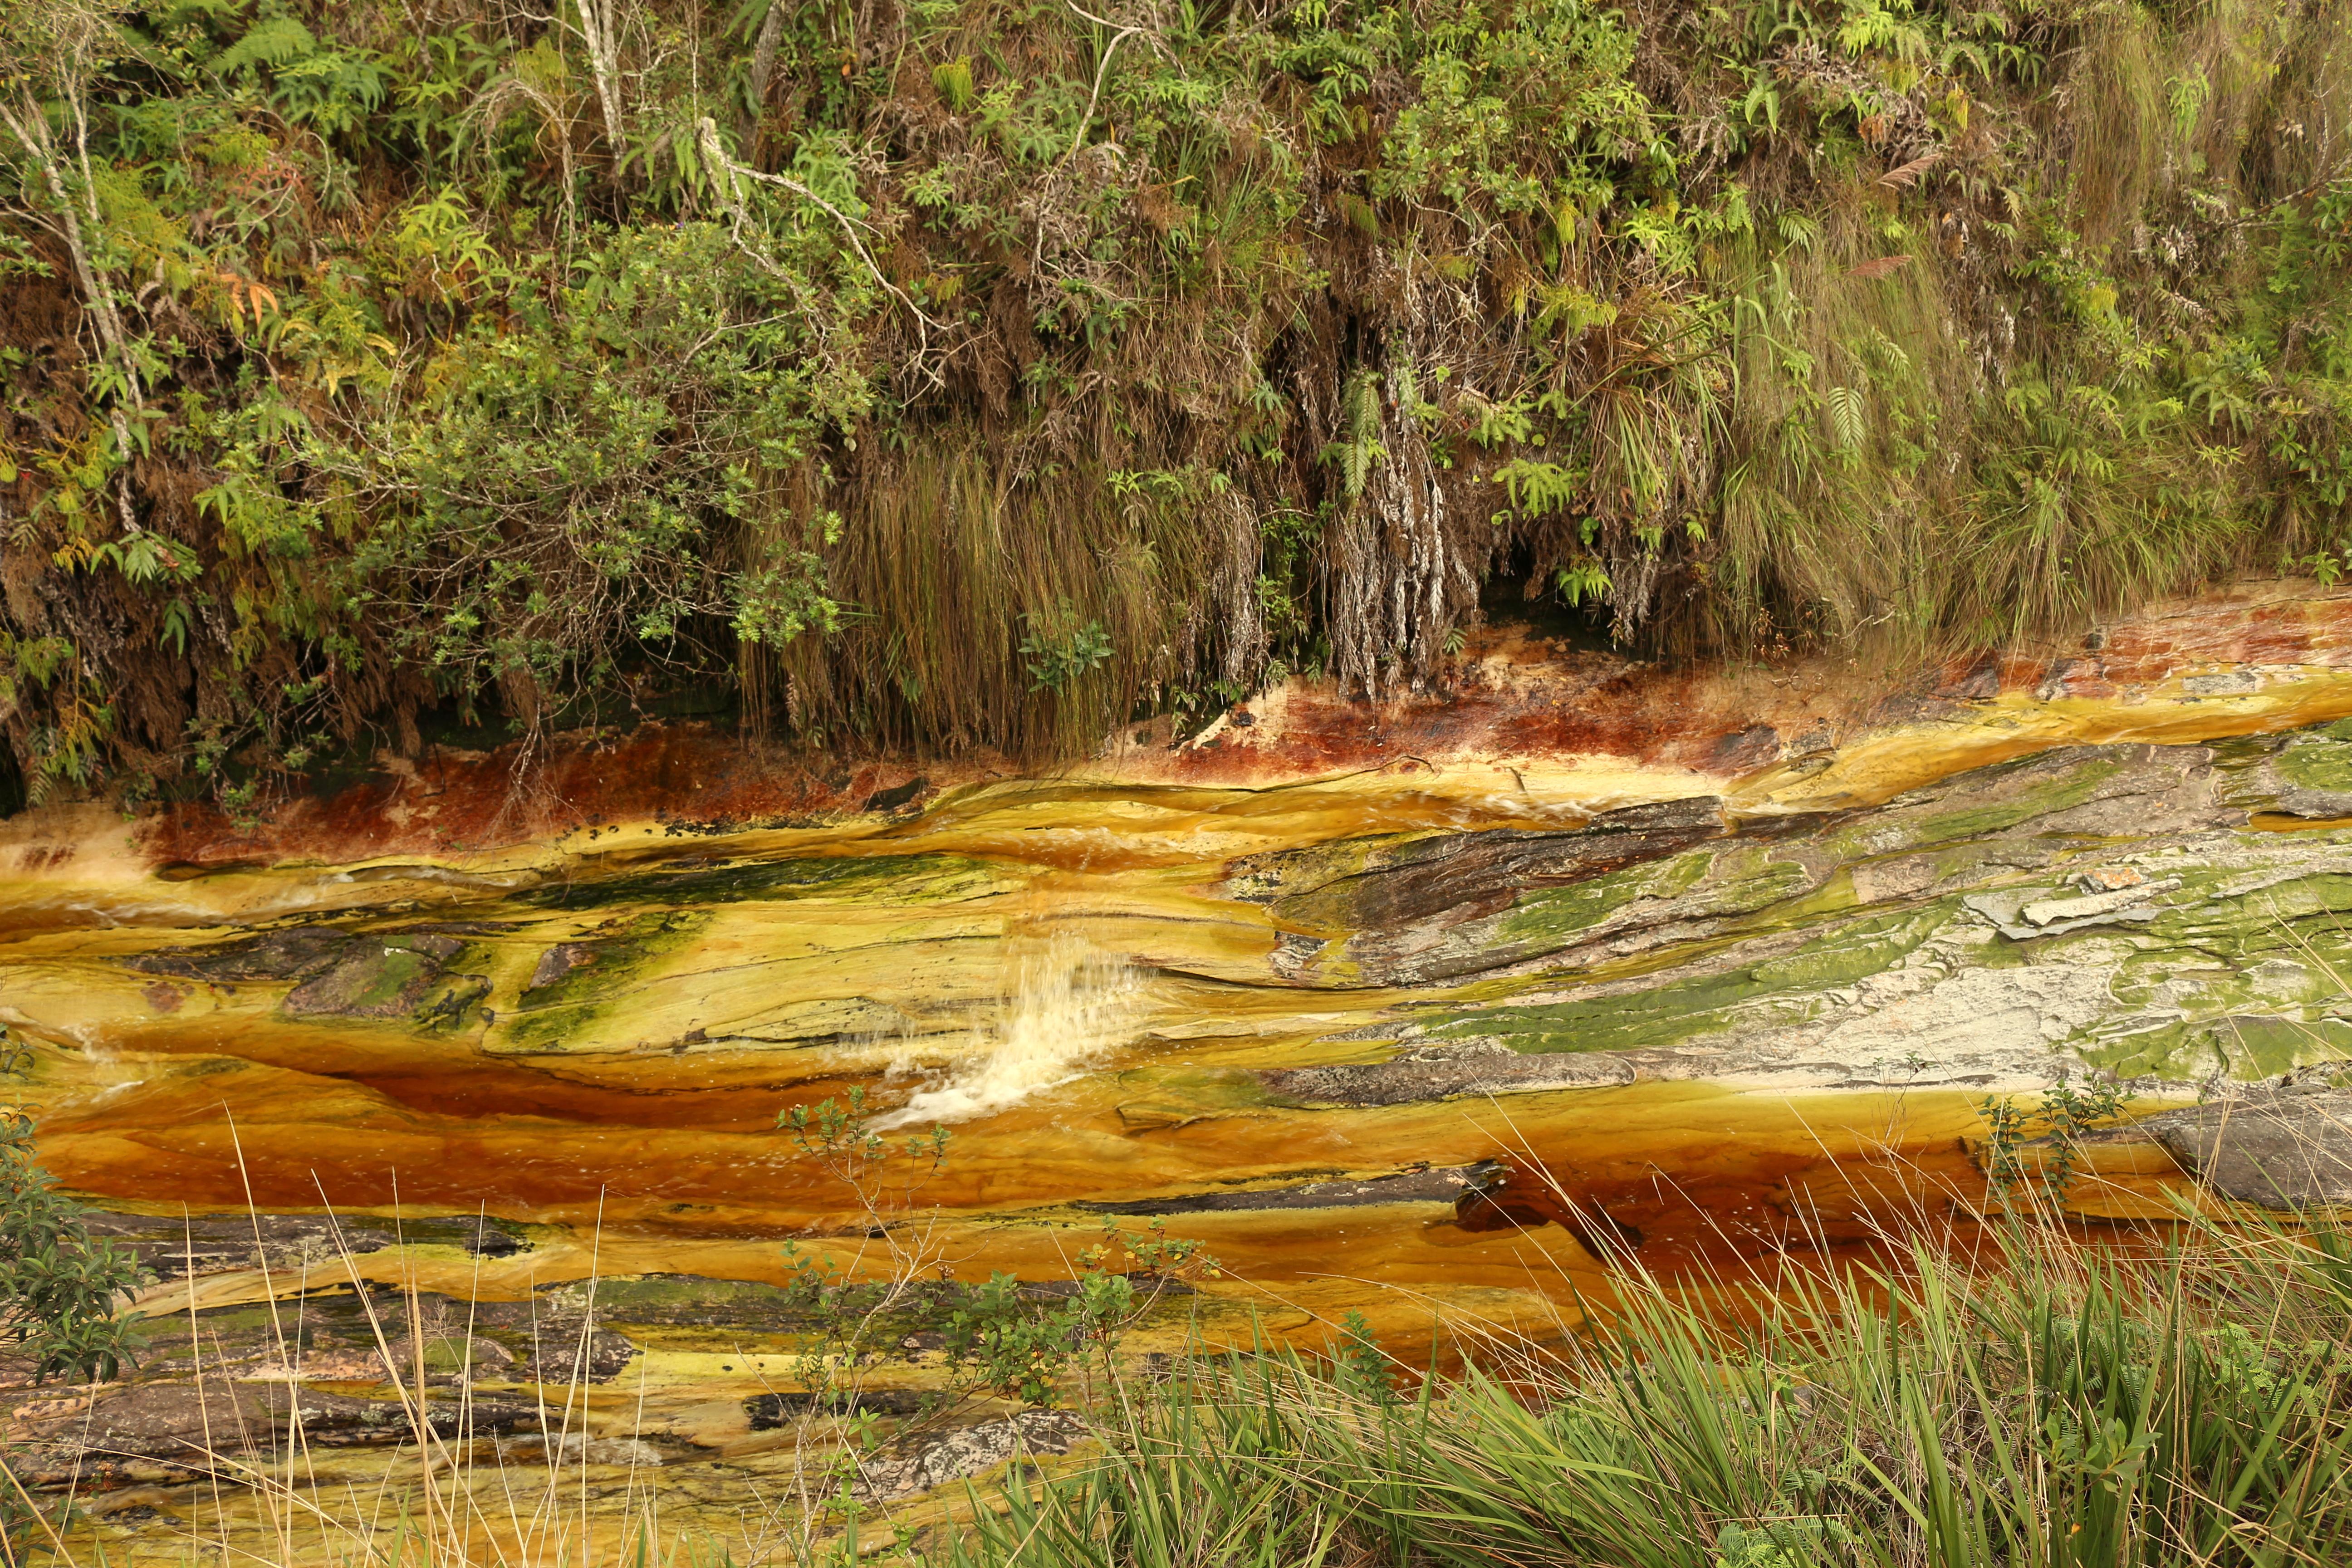 A água de Ibitipoca parece uma miragem